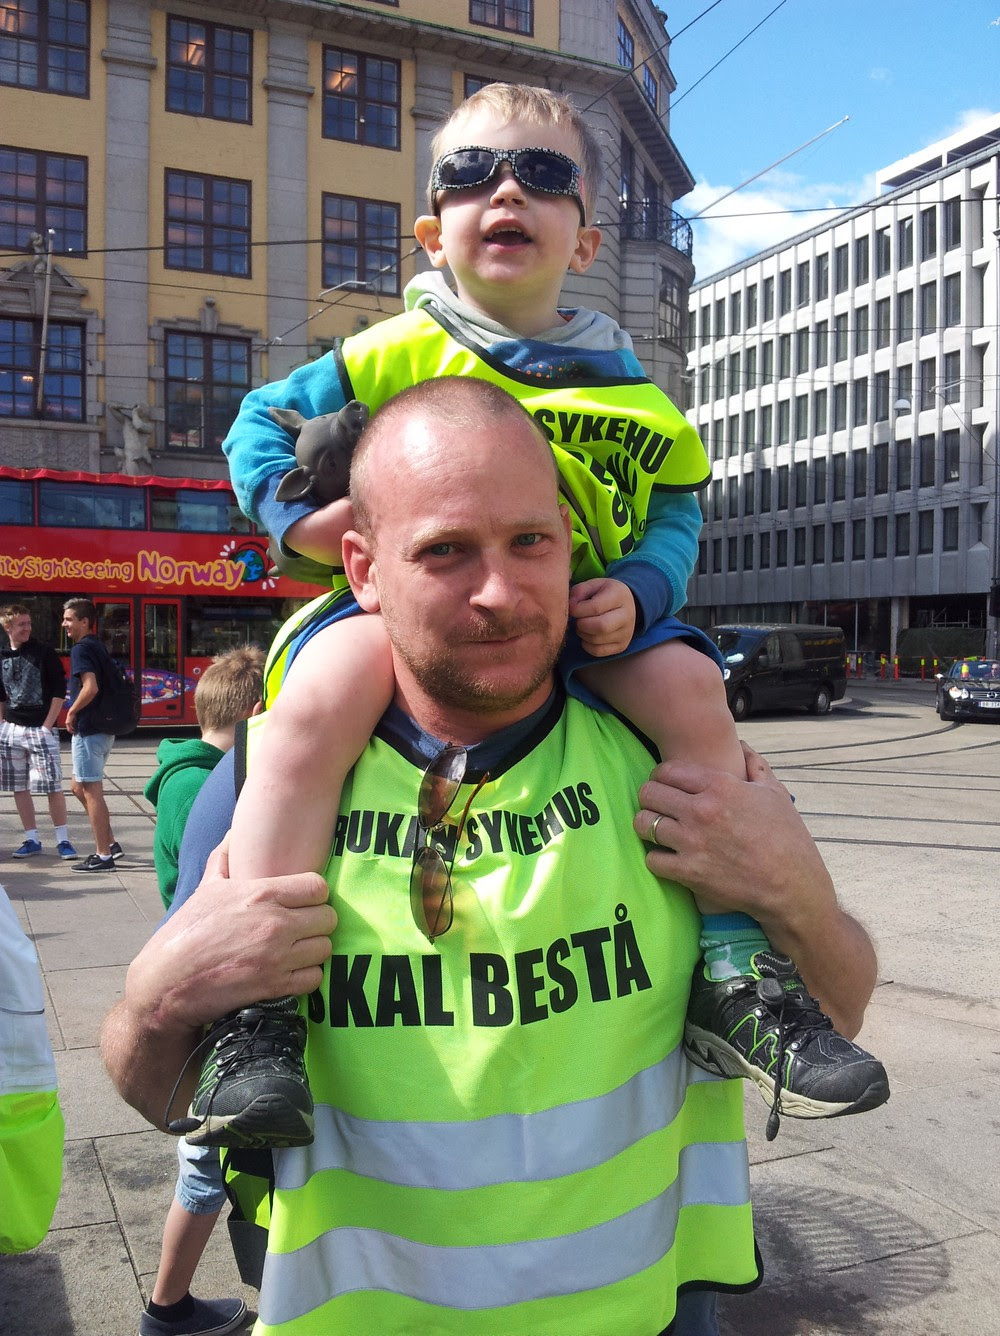 Sykehusdemonstrasjon i Oslo - Bjørn Sebrekke Solvang har med seg sønnen sin, tre år gamle Ådne. - Foto: Maria Alette Abdli / NRK